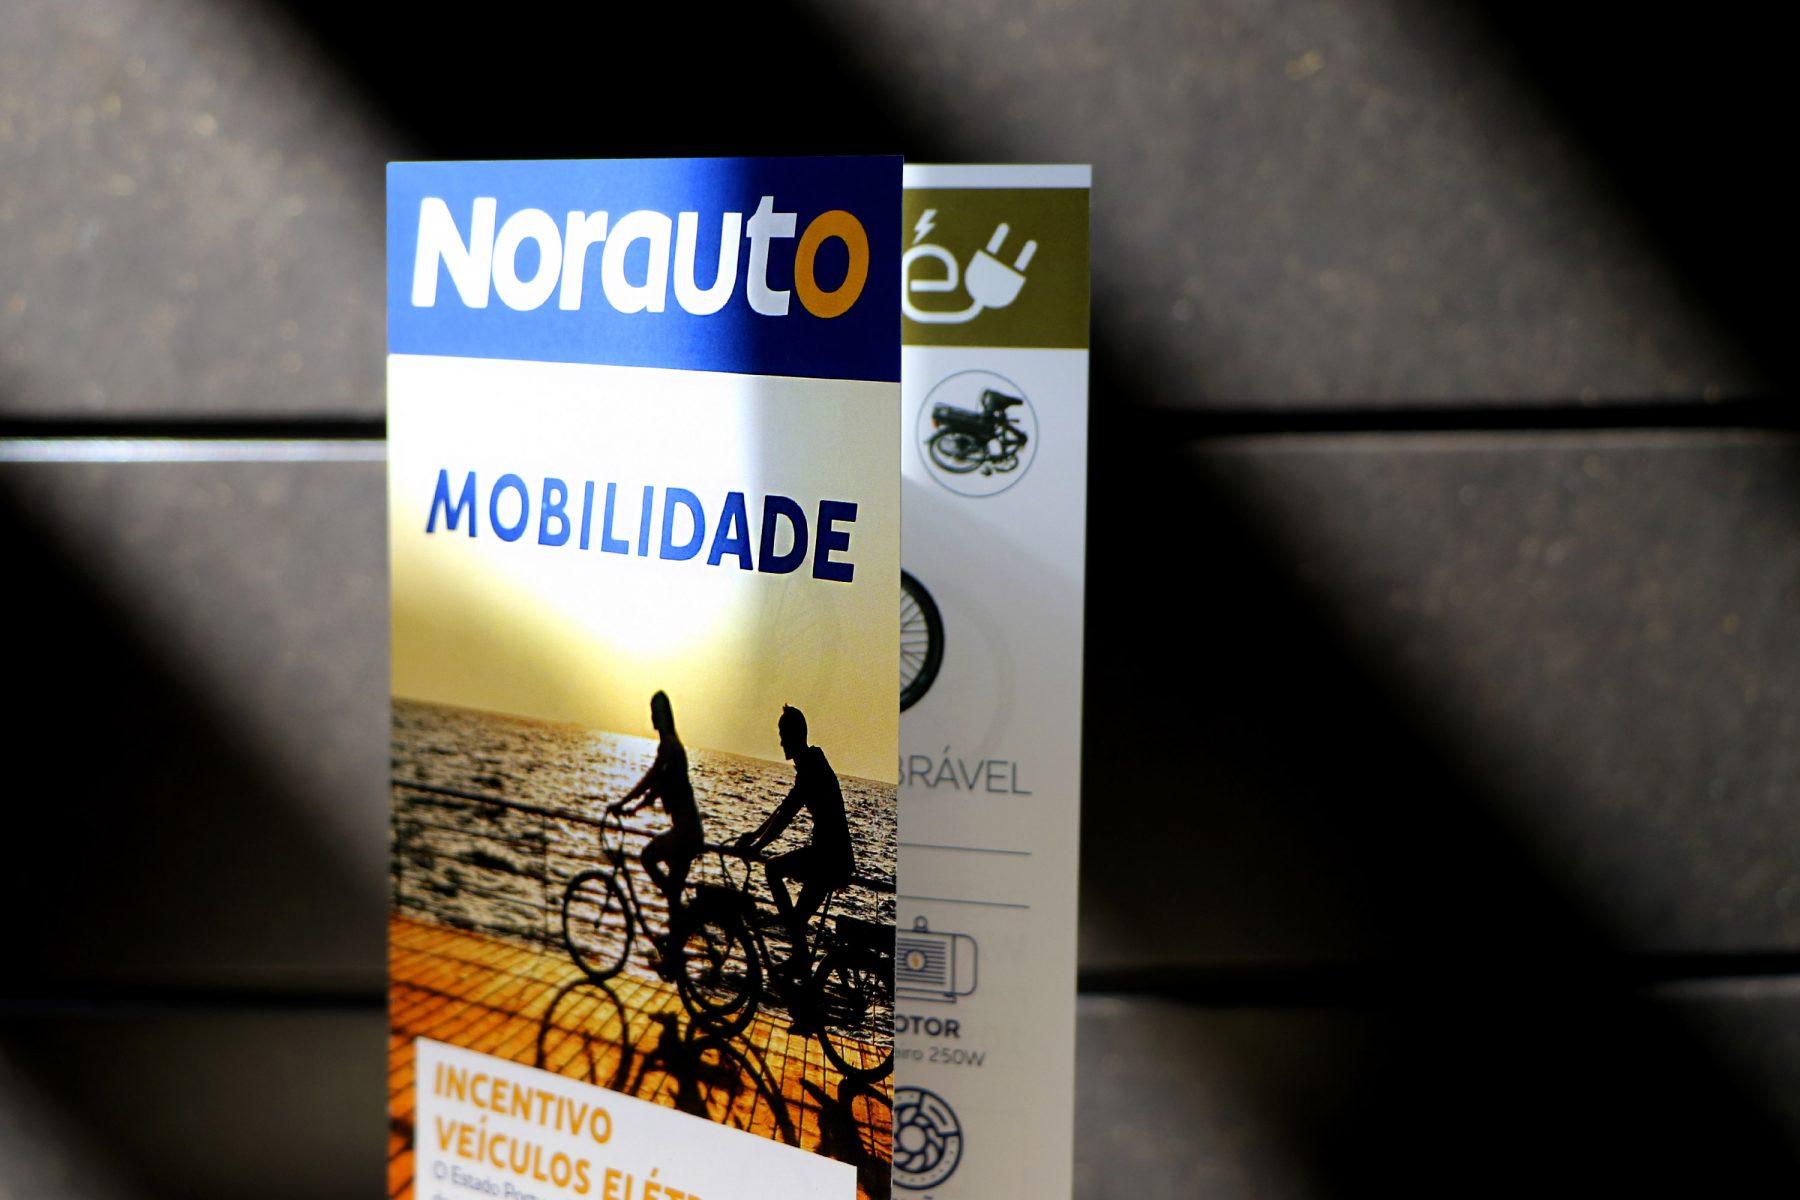 campanha_mobilidade_norauto_4